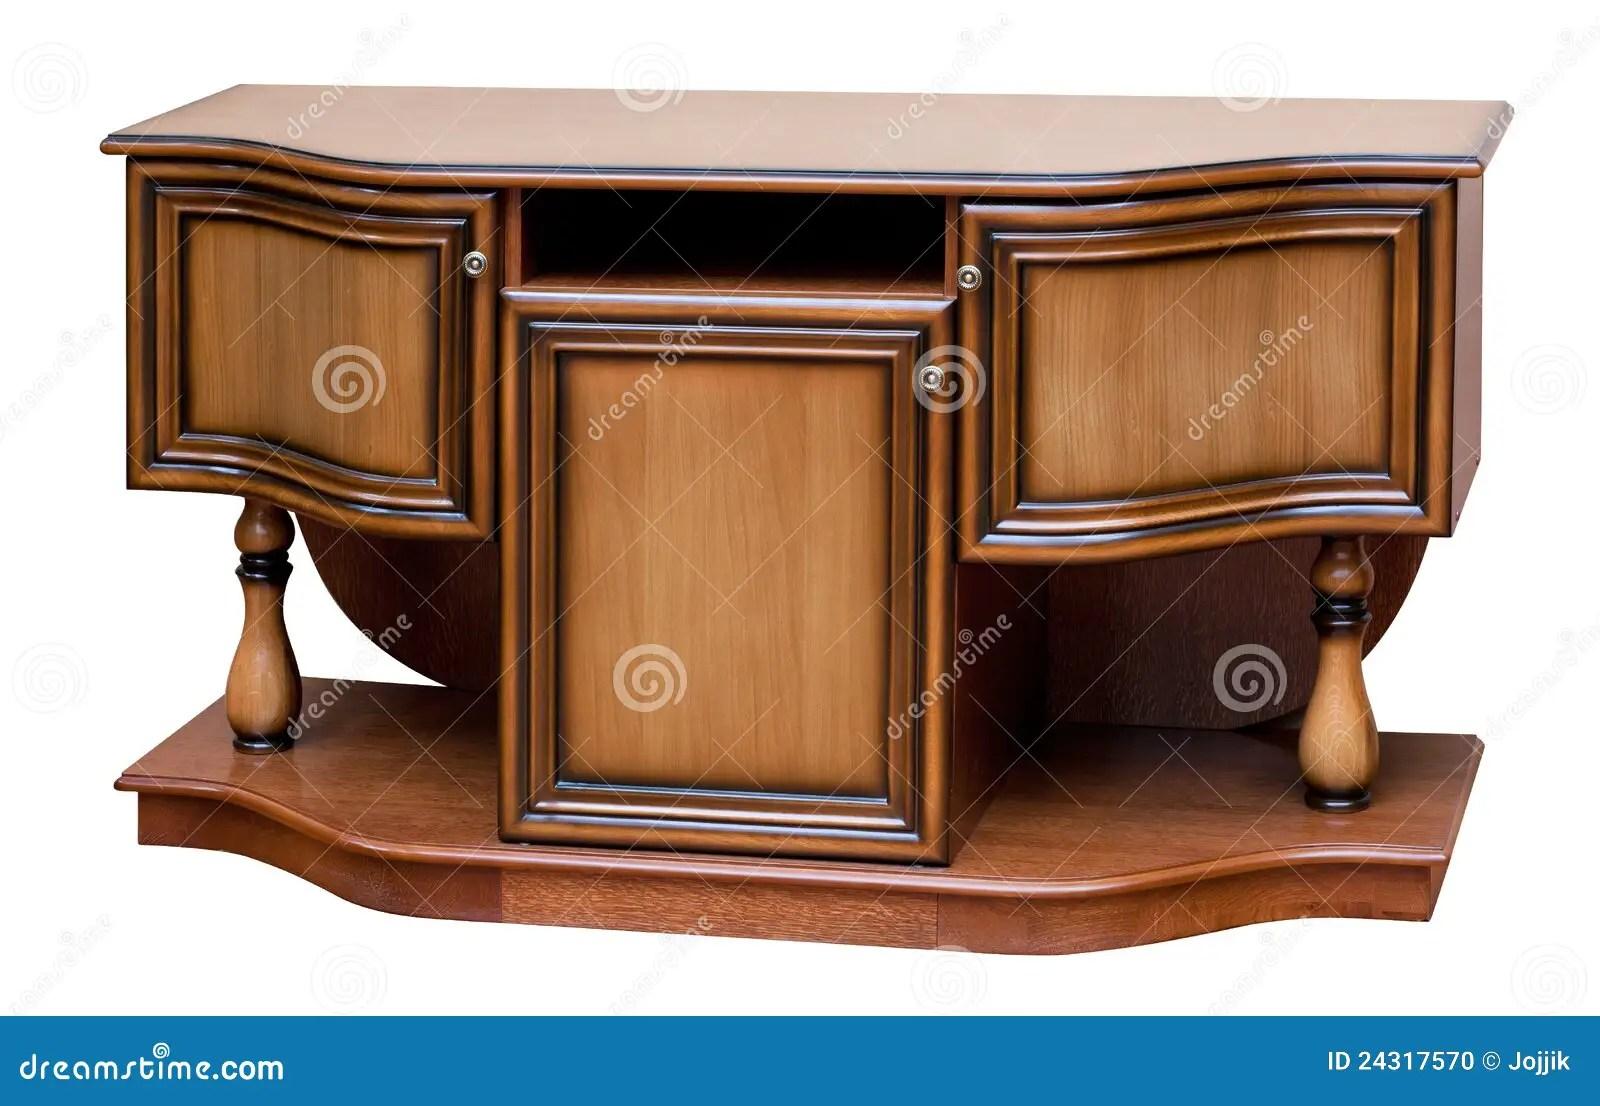 Vieux bois isolé stile blanc bureau